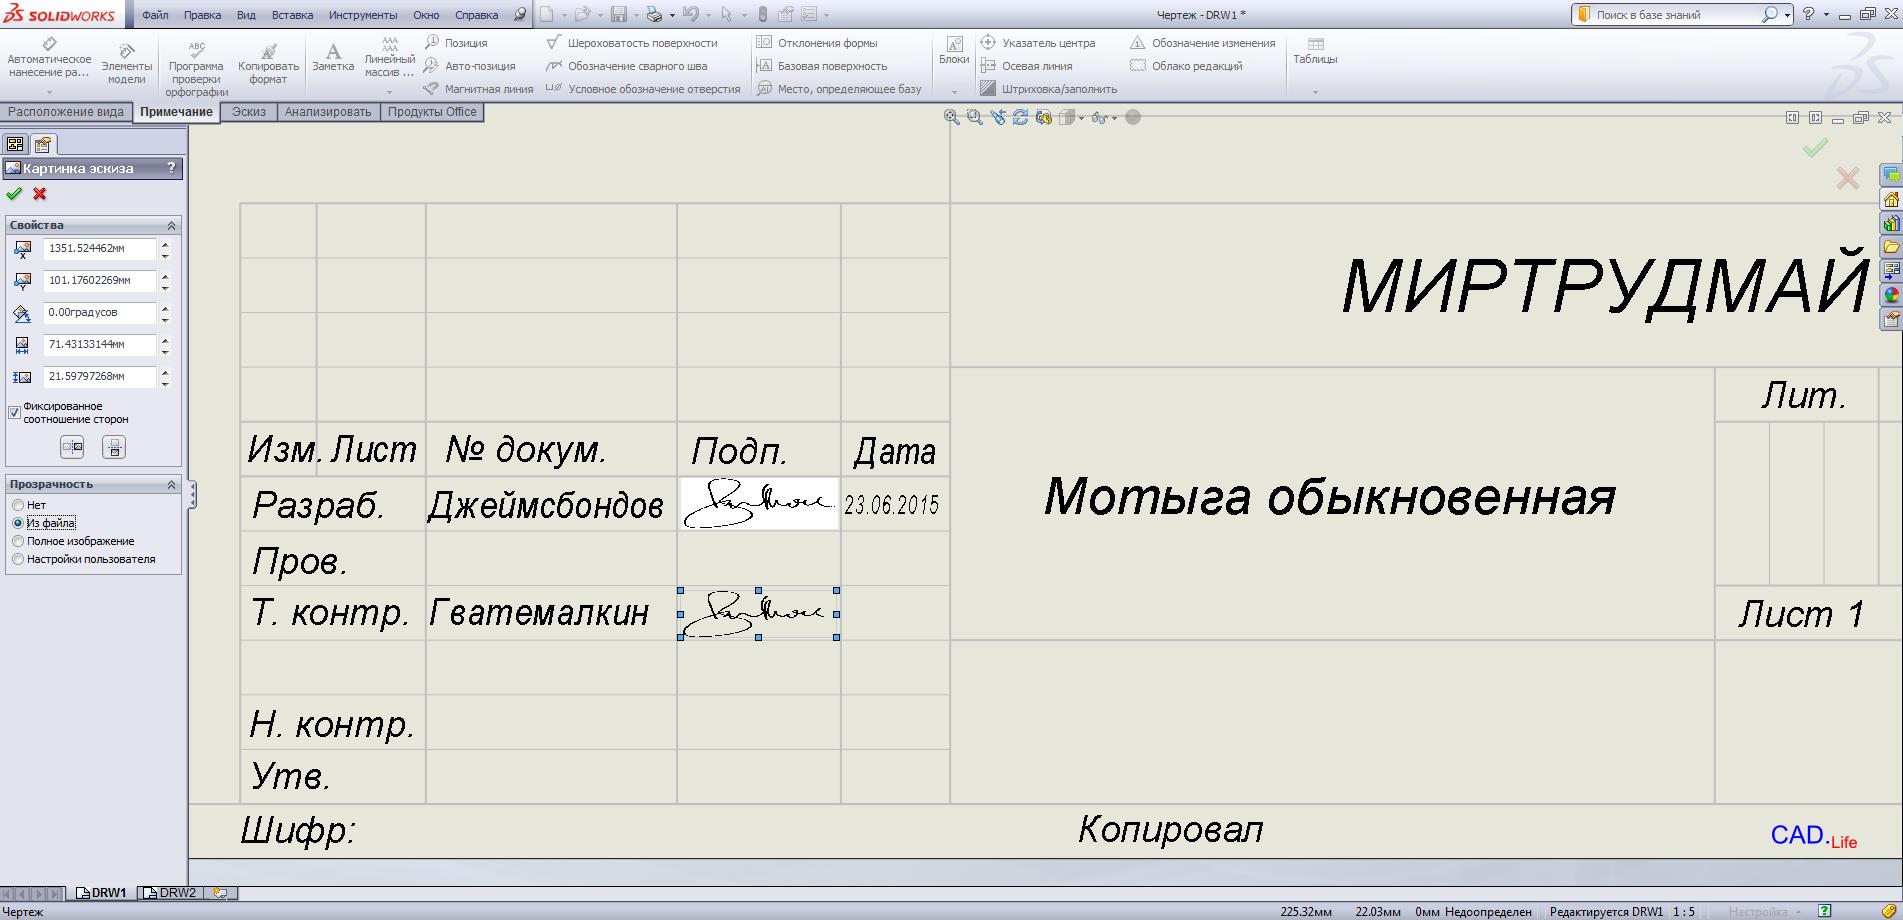 Рис.2. Настройка файла изображения в формате PNG с прозрачным фоном